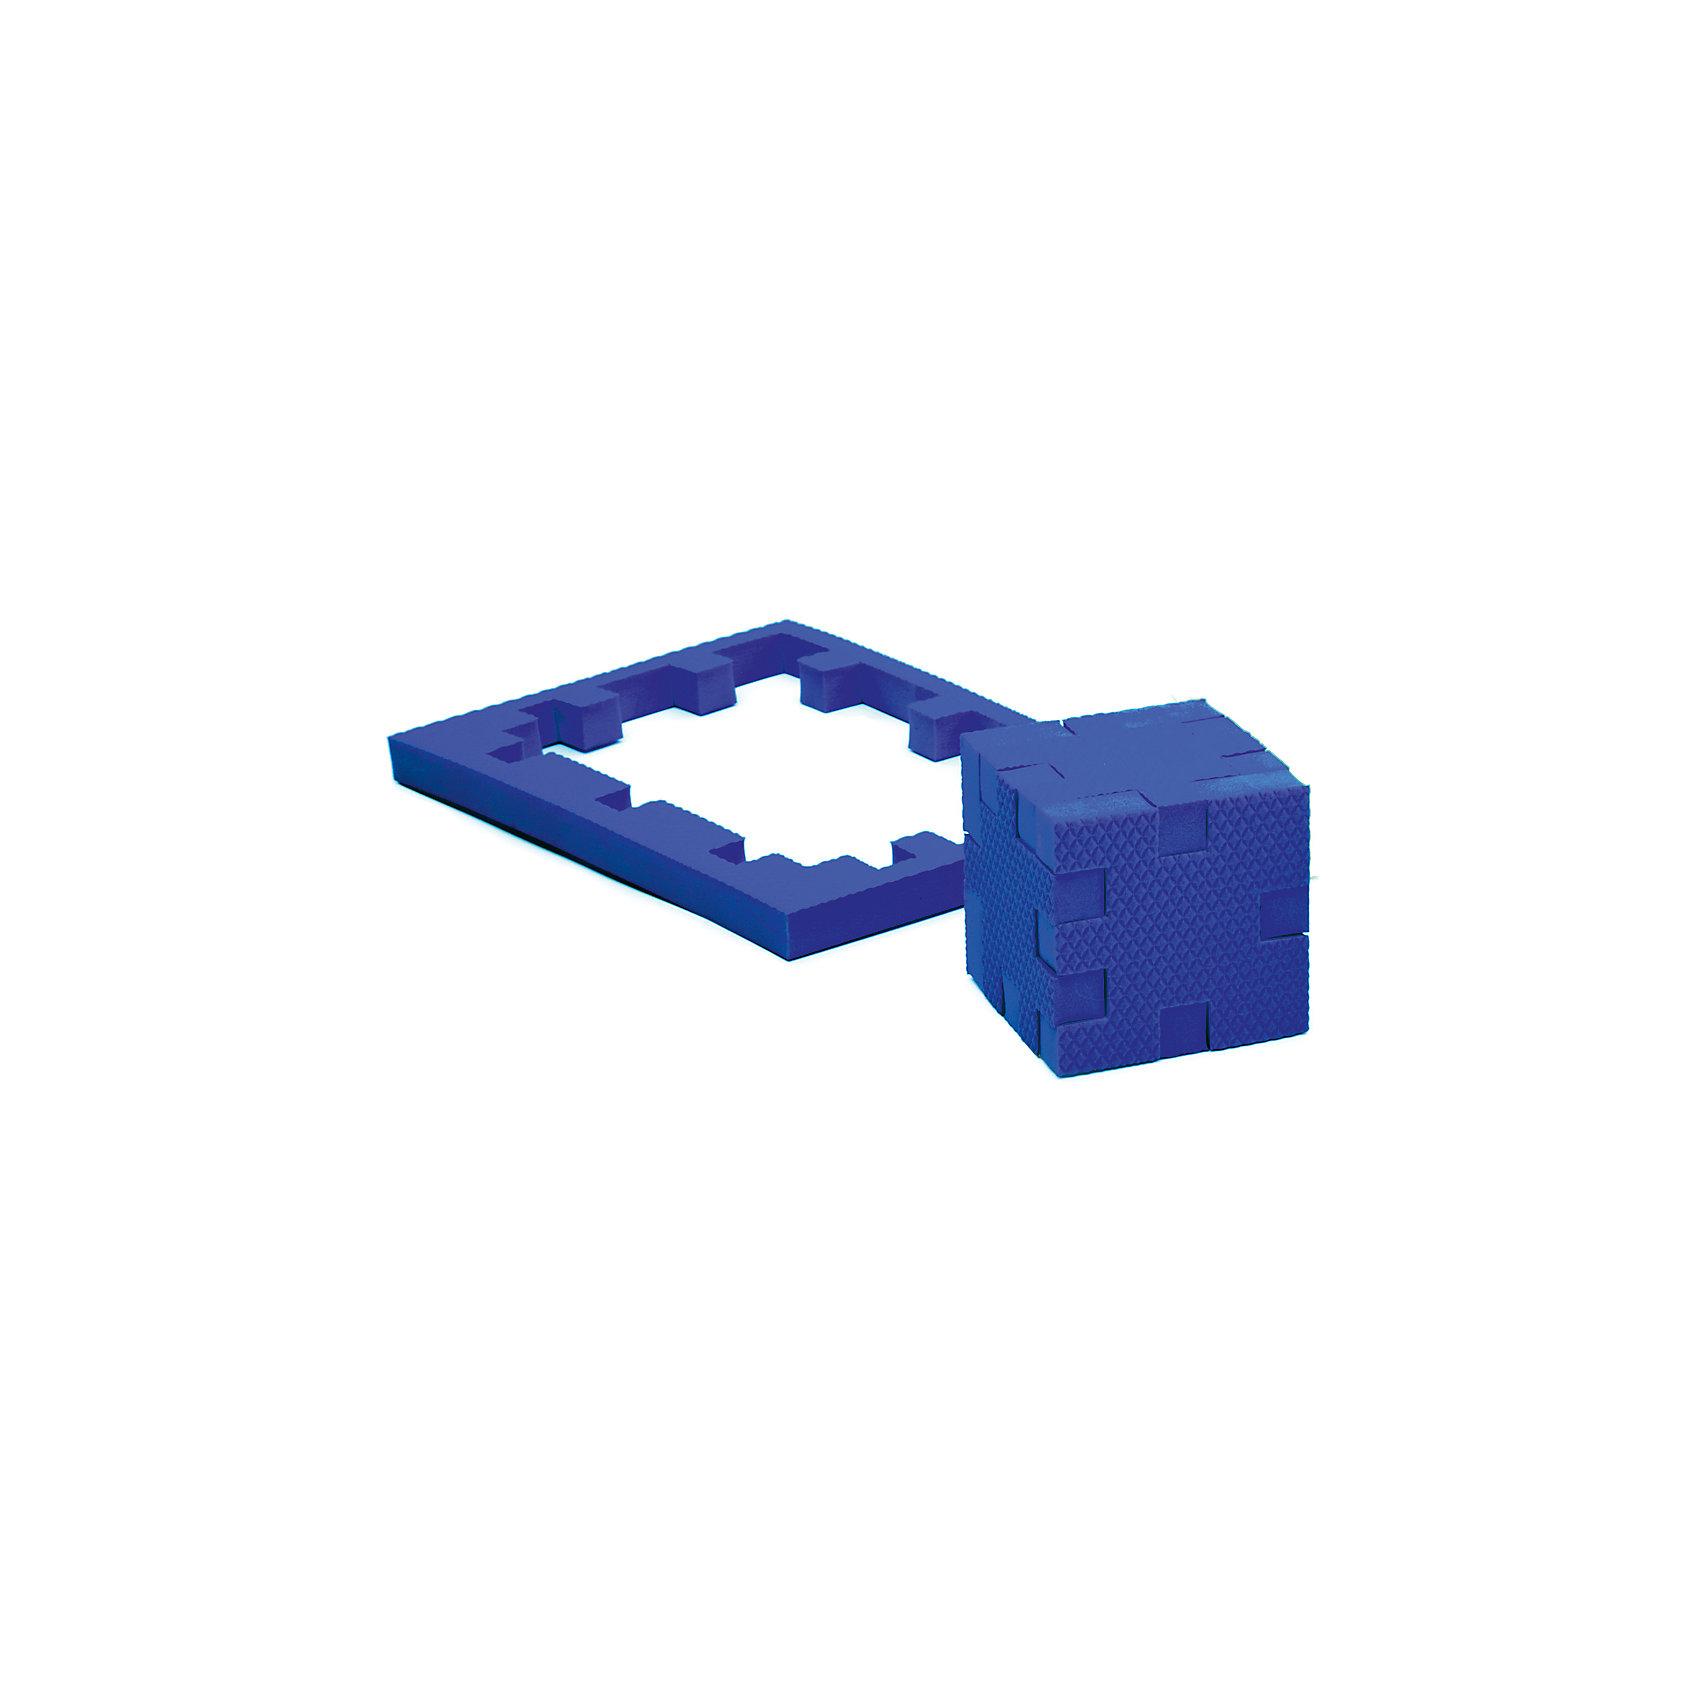 Пазл-конструктор Топаз, PicnMixОкружающий мир<br>Топаз - уникальный пазл-конструктор из серии Кубикформ от PicnMix, который поможет развить логику, мелкую моторику и пространственное восприятие. Ребенок сможет собрать пазл, кубик и различные геометрические фигуры. Для начала можно следовать инструкции, а узнав, как устроен чудо-пазл, придумать свои собственные творения. Кроме того, с конструктором Топаз можно смело играть в воде. <br>Пазл-конструктор Топаз - замечательный подарок для юных строителей!<br><br>Дополнительная информация:<br>Цвет: синий<br>Материал: ЭВА(вспененный полимер)<br>Размер упаковки: 21,5х1,5х15,5 см<br>Вес: 45 грамм<br><br>Пазл-конструктор Топаз от PicnMix можно приобрести в нашем интернет-магазине.<br><br>Ширина мм: 215<br>Глубина мм: 15<br>Высота мм: 160<br>Вес г: 50<br>Возраст от месяцев: 36<br>Возраст до месяцев: 60<br>Пол: Унисекс<br>Возраст: Детский<br>SKU: 5008787